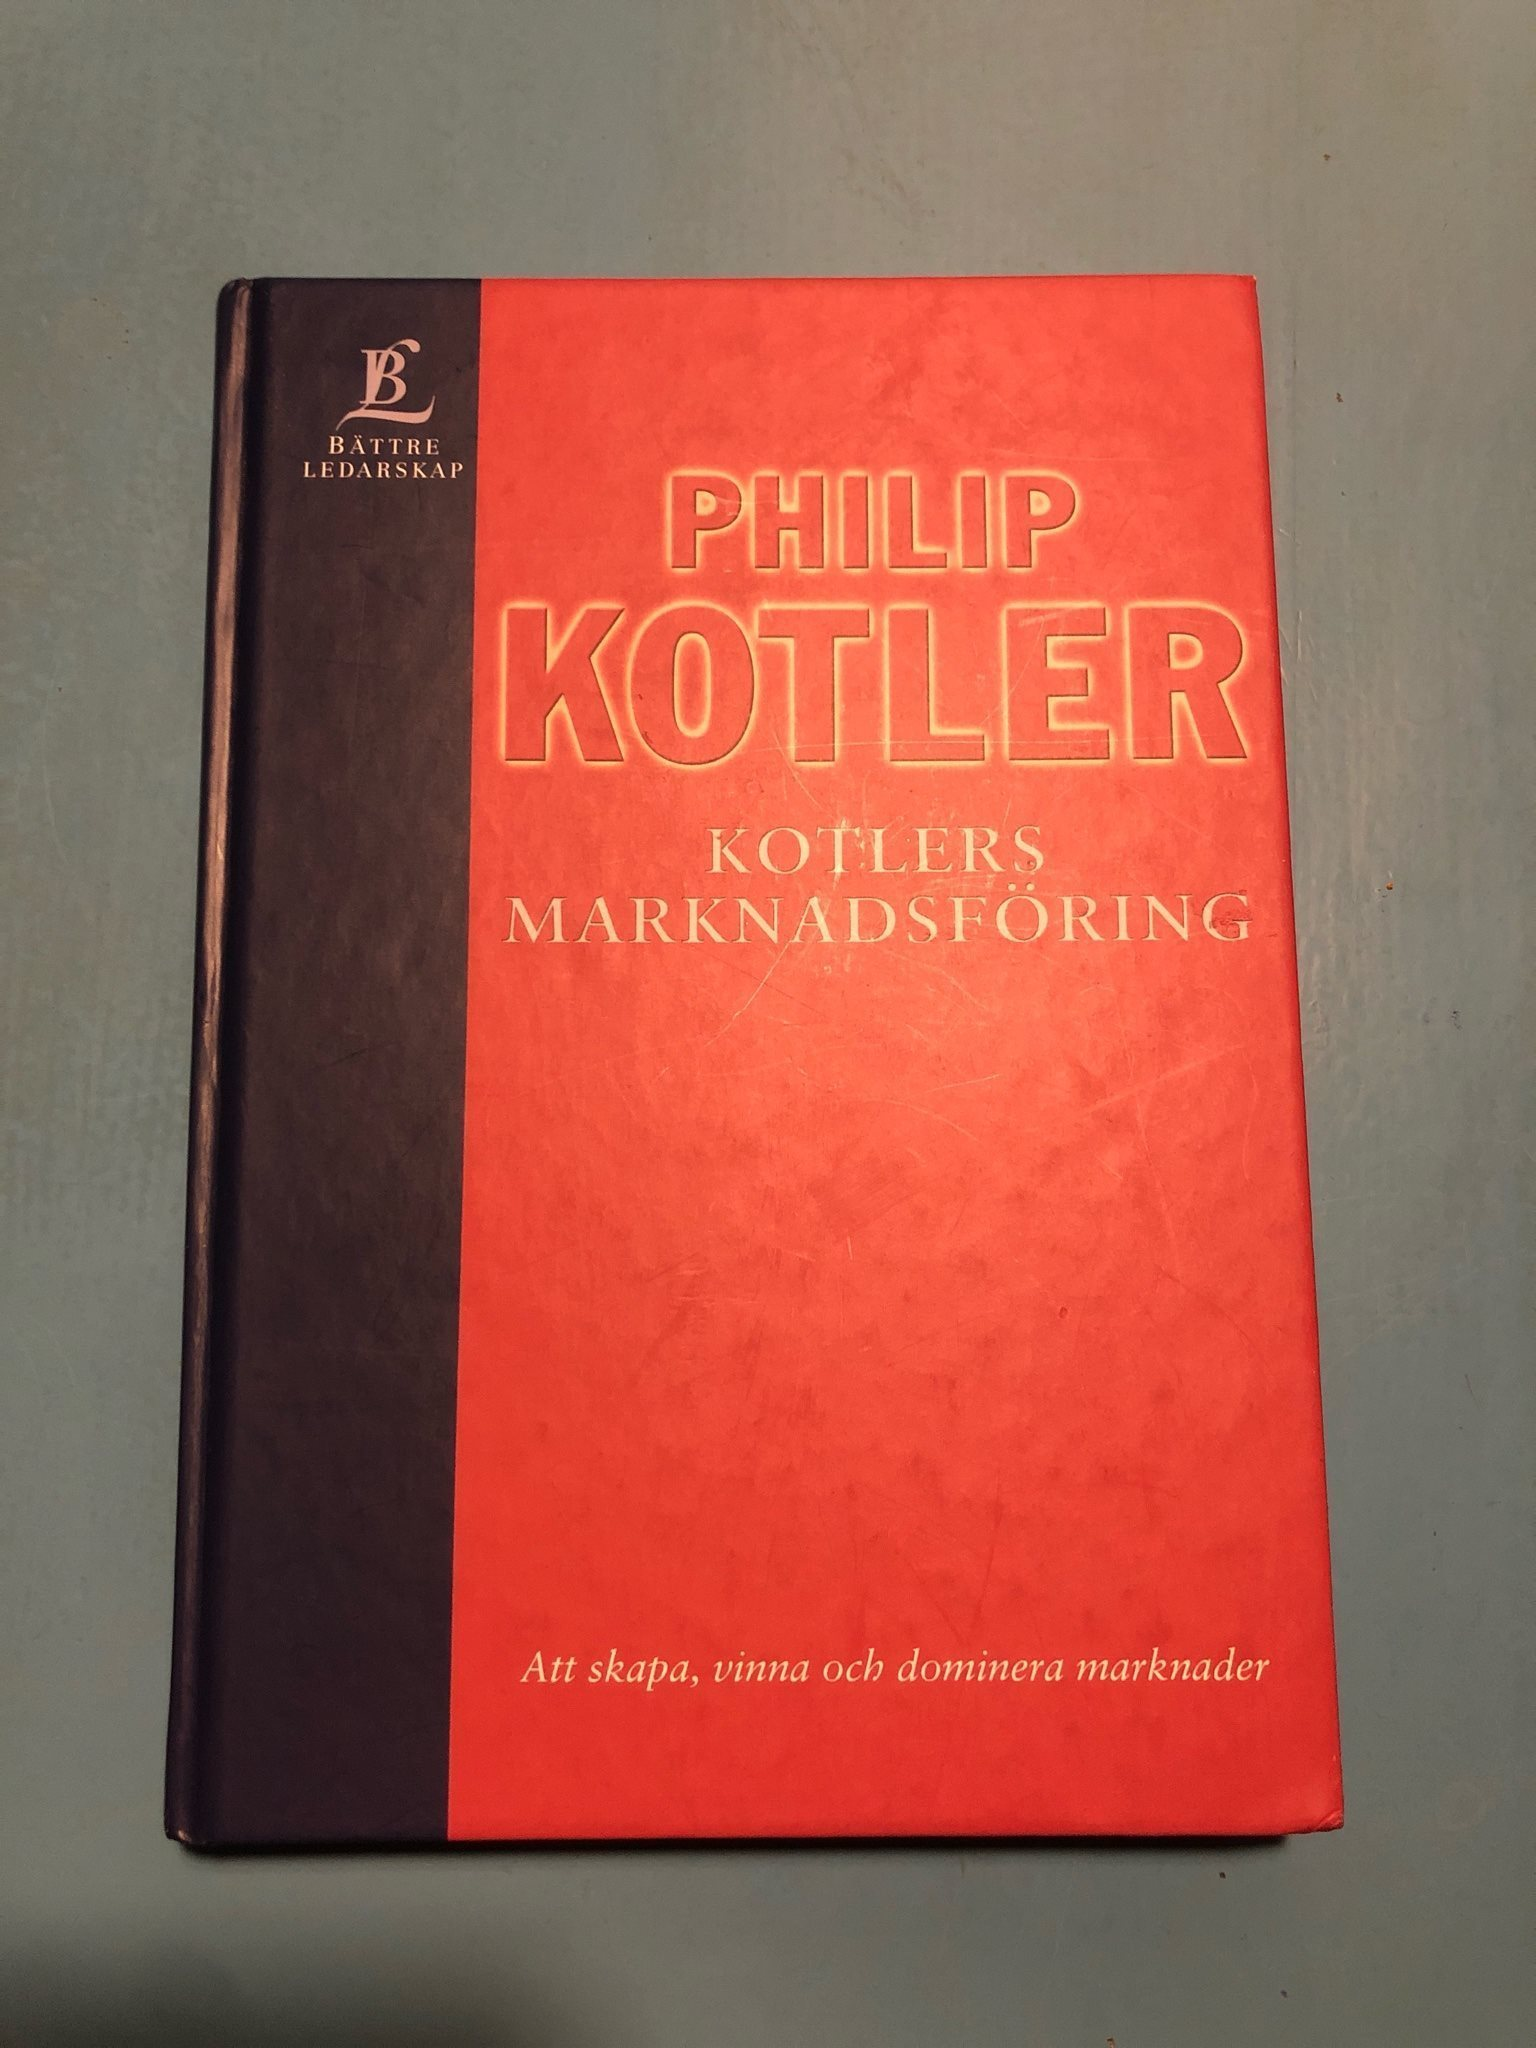 Philip Kotler   Kotlers Marknadsföring   Bättre ledarskap